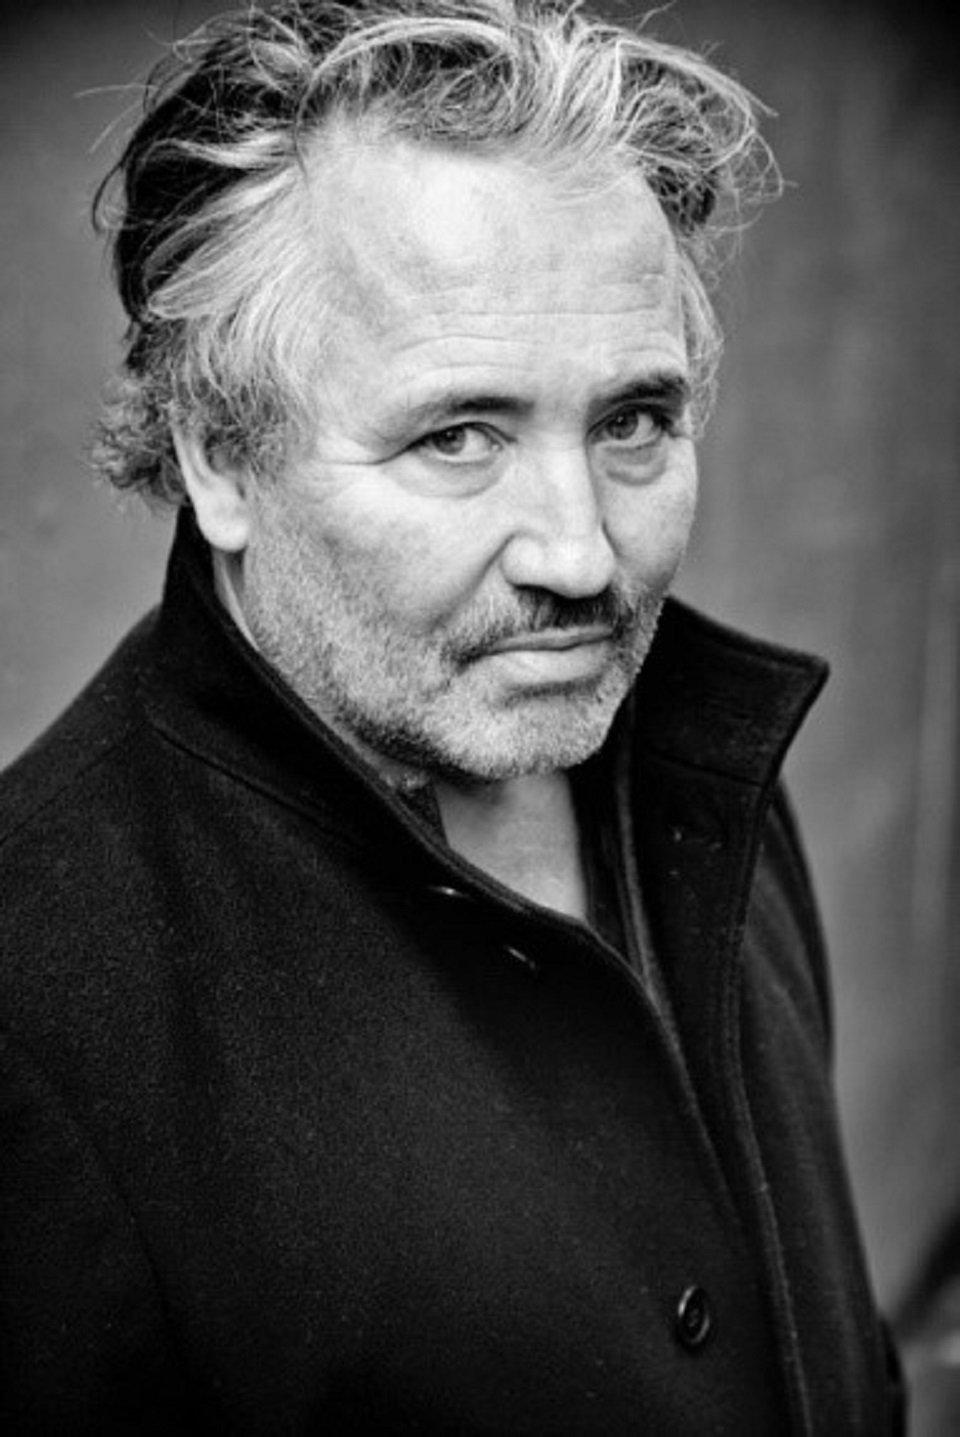 Felix Benesch (c) Matthias Heyde